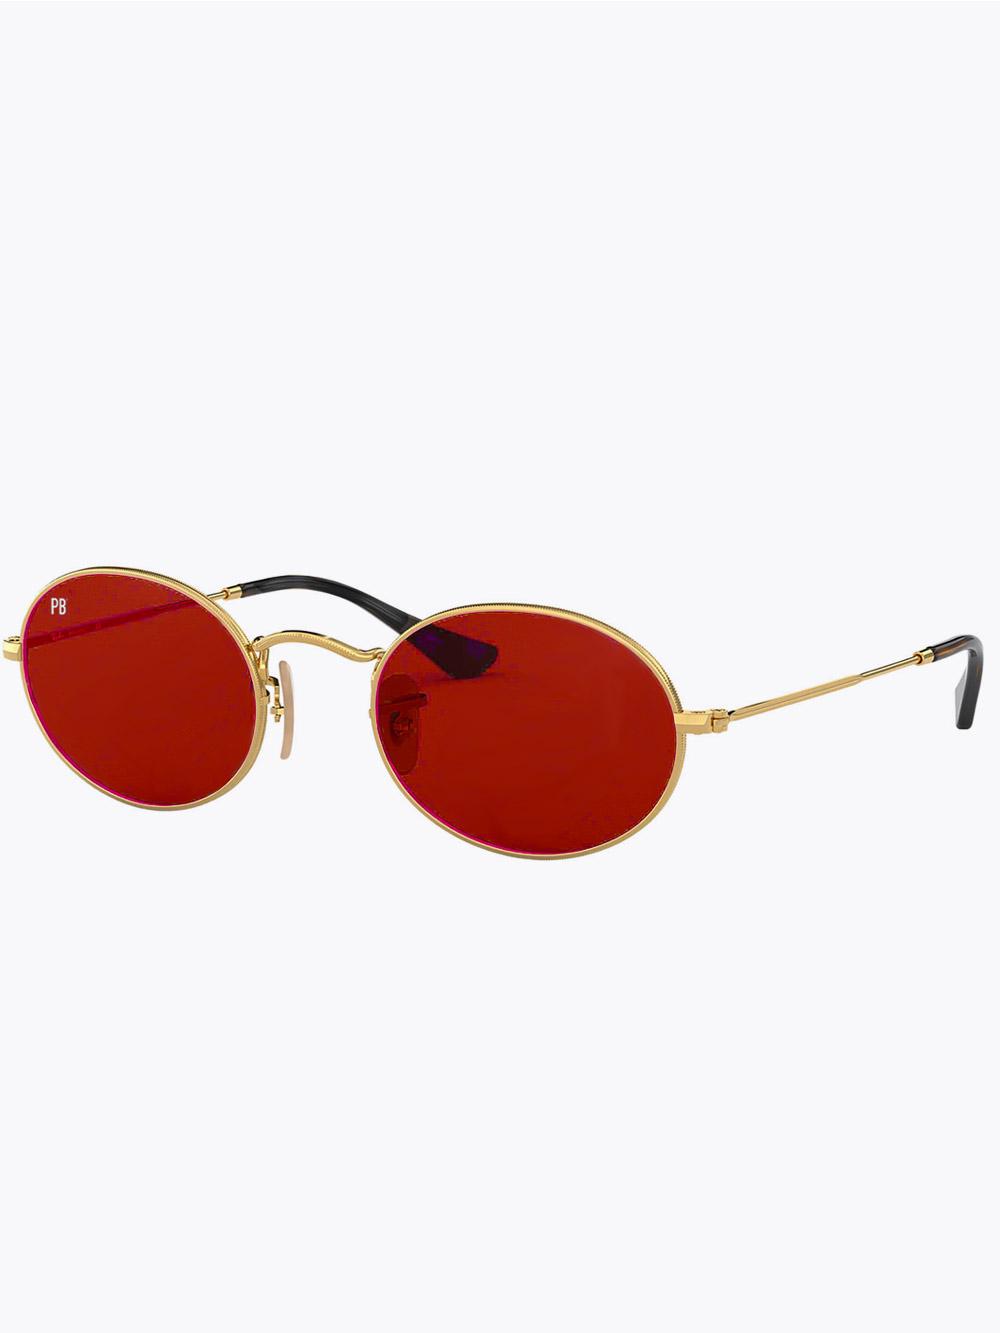 ovale-zonnebril-vintage-rood-1